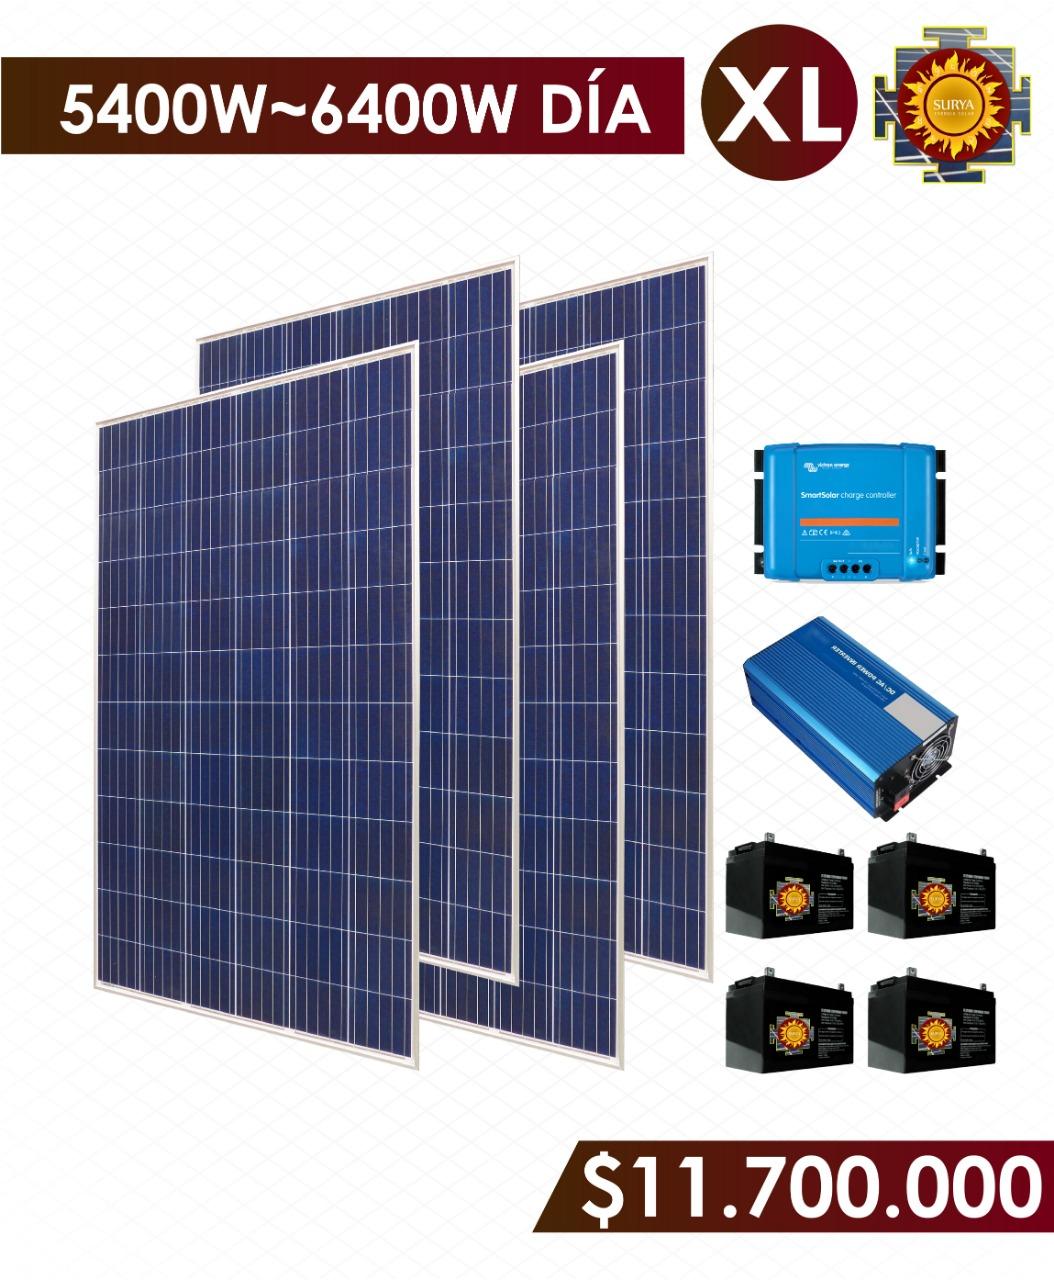 Planta solar autonoma 5400w a 6400w